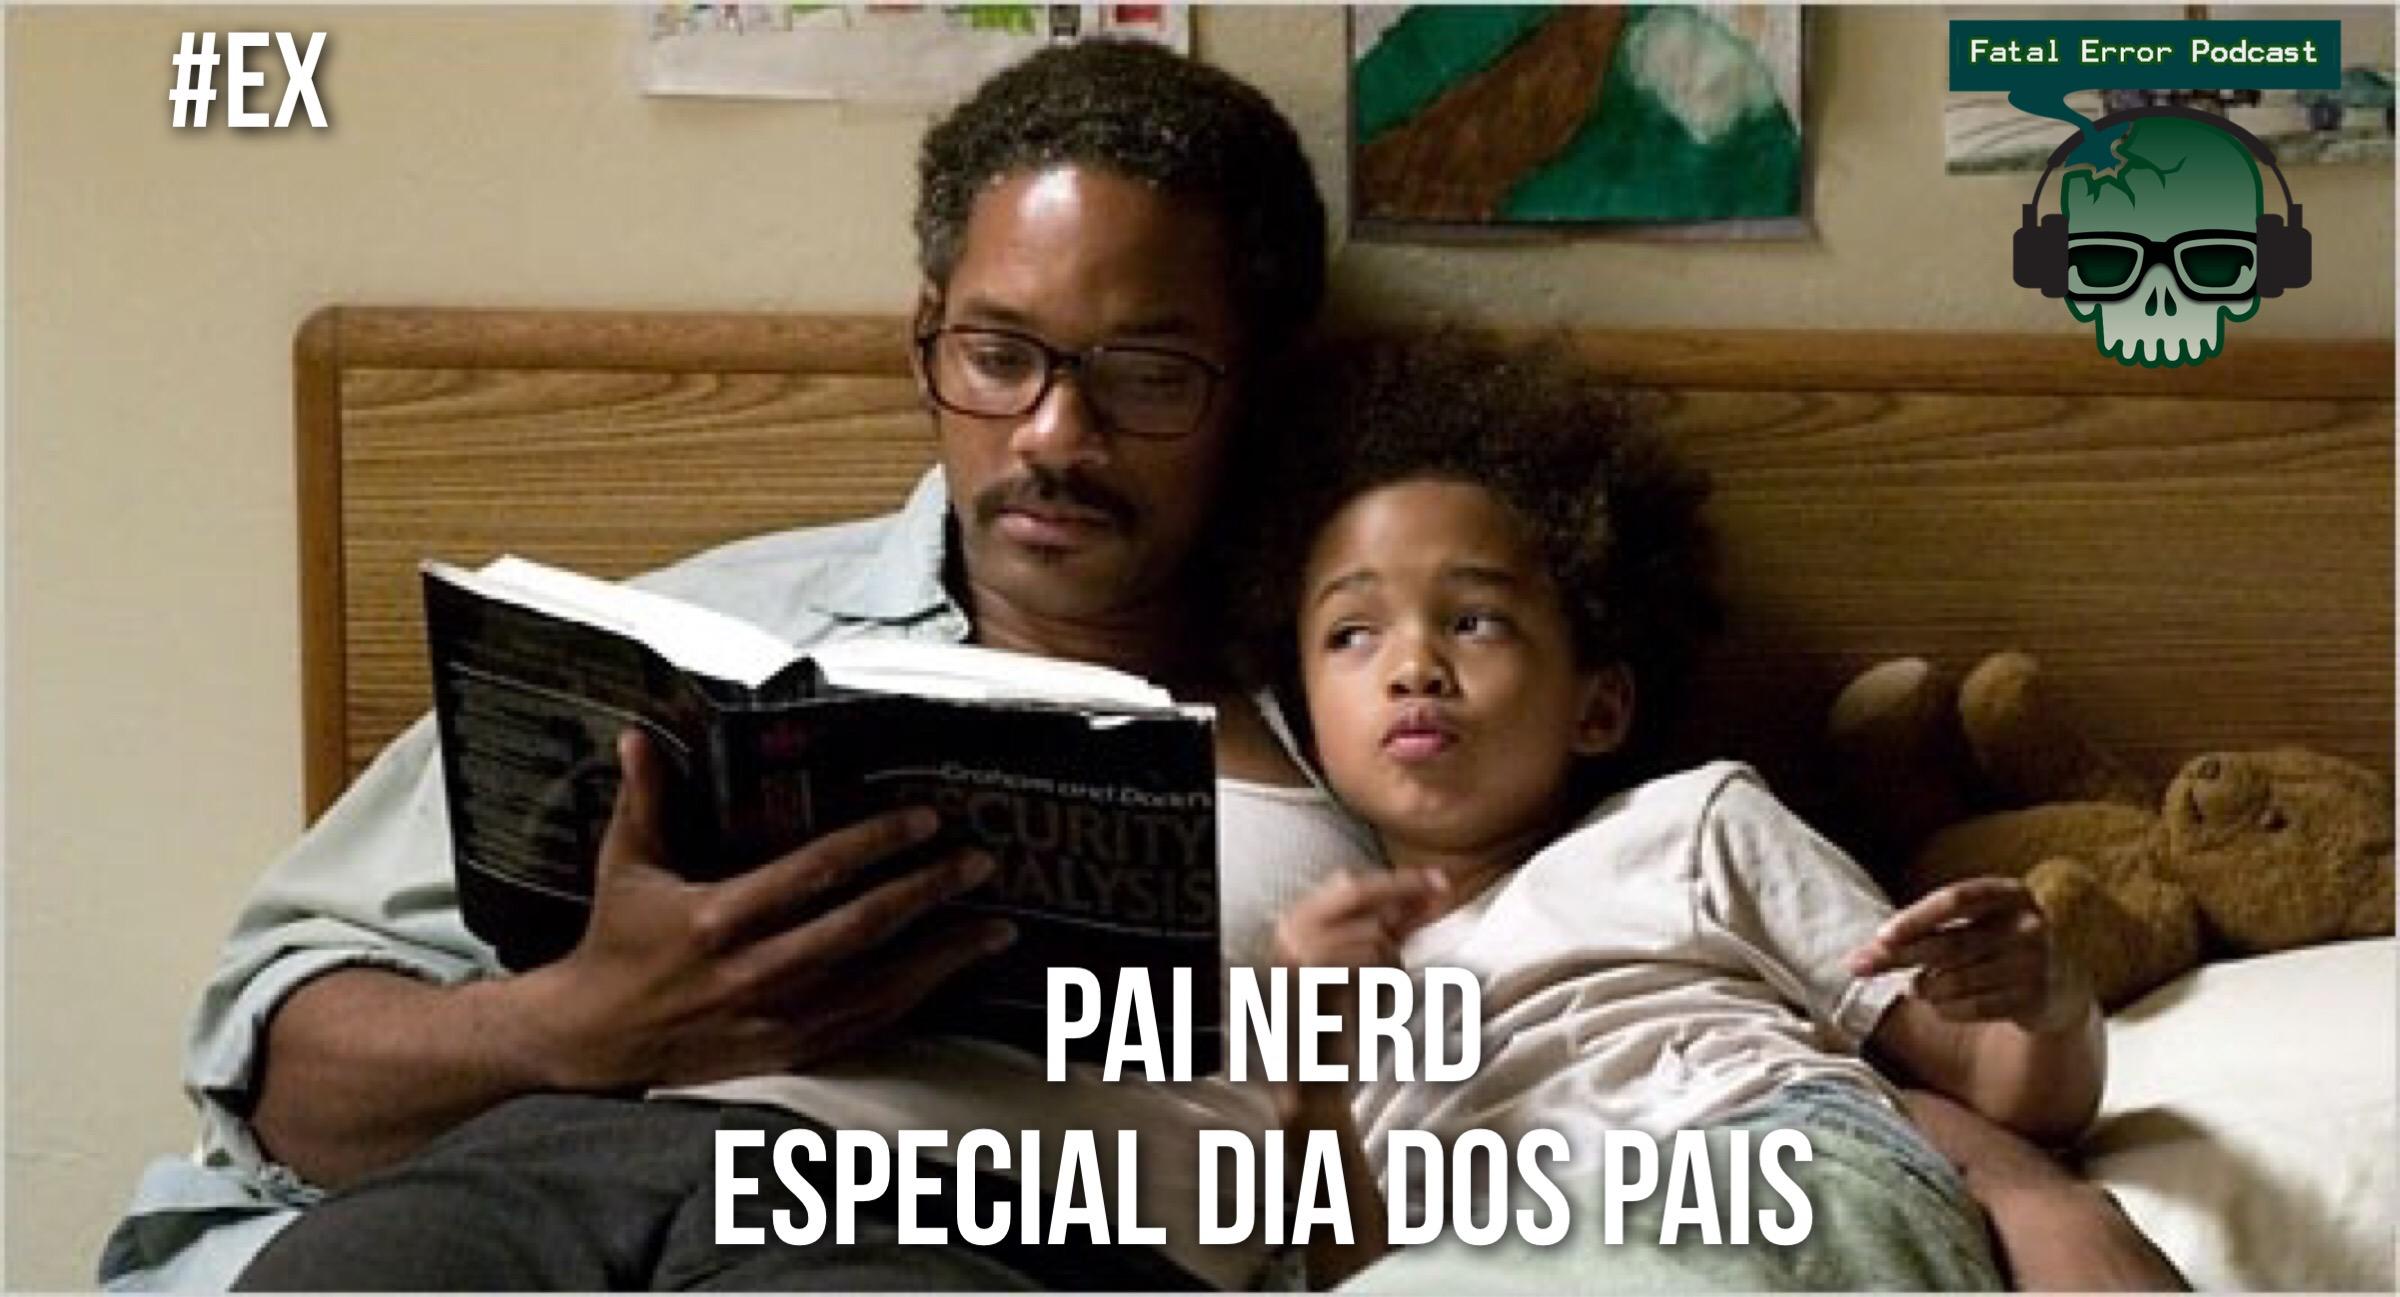 Fatal Error Nerd #Xtra: Especial Dia dos Pais